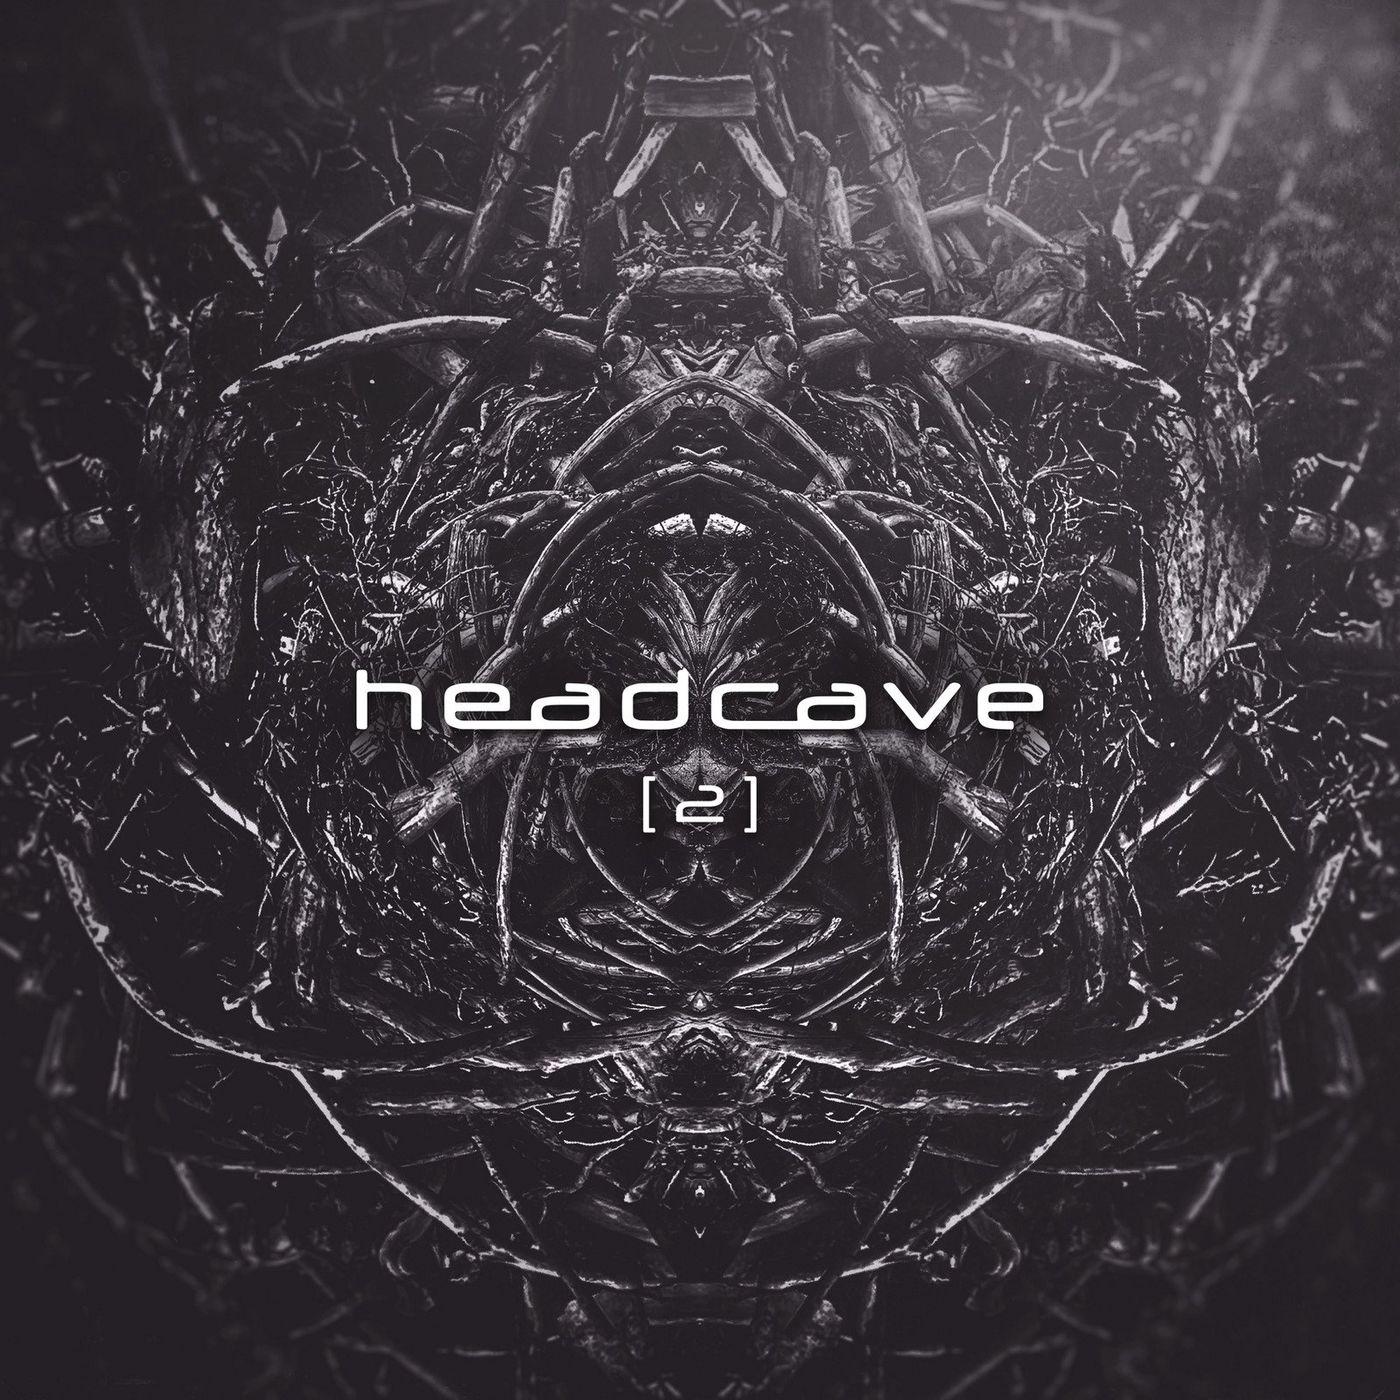 headcave - 2 [EP] (2021)